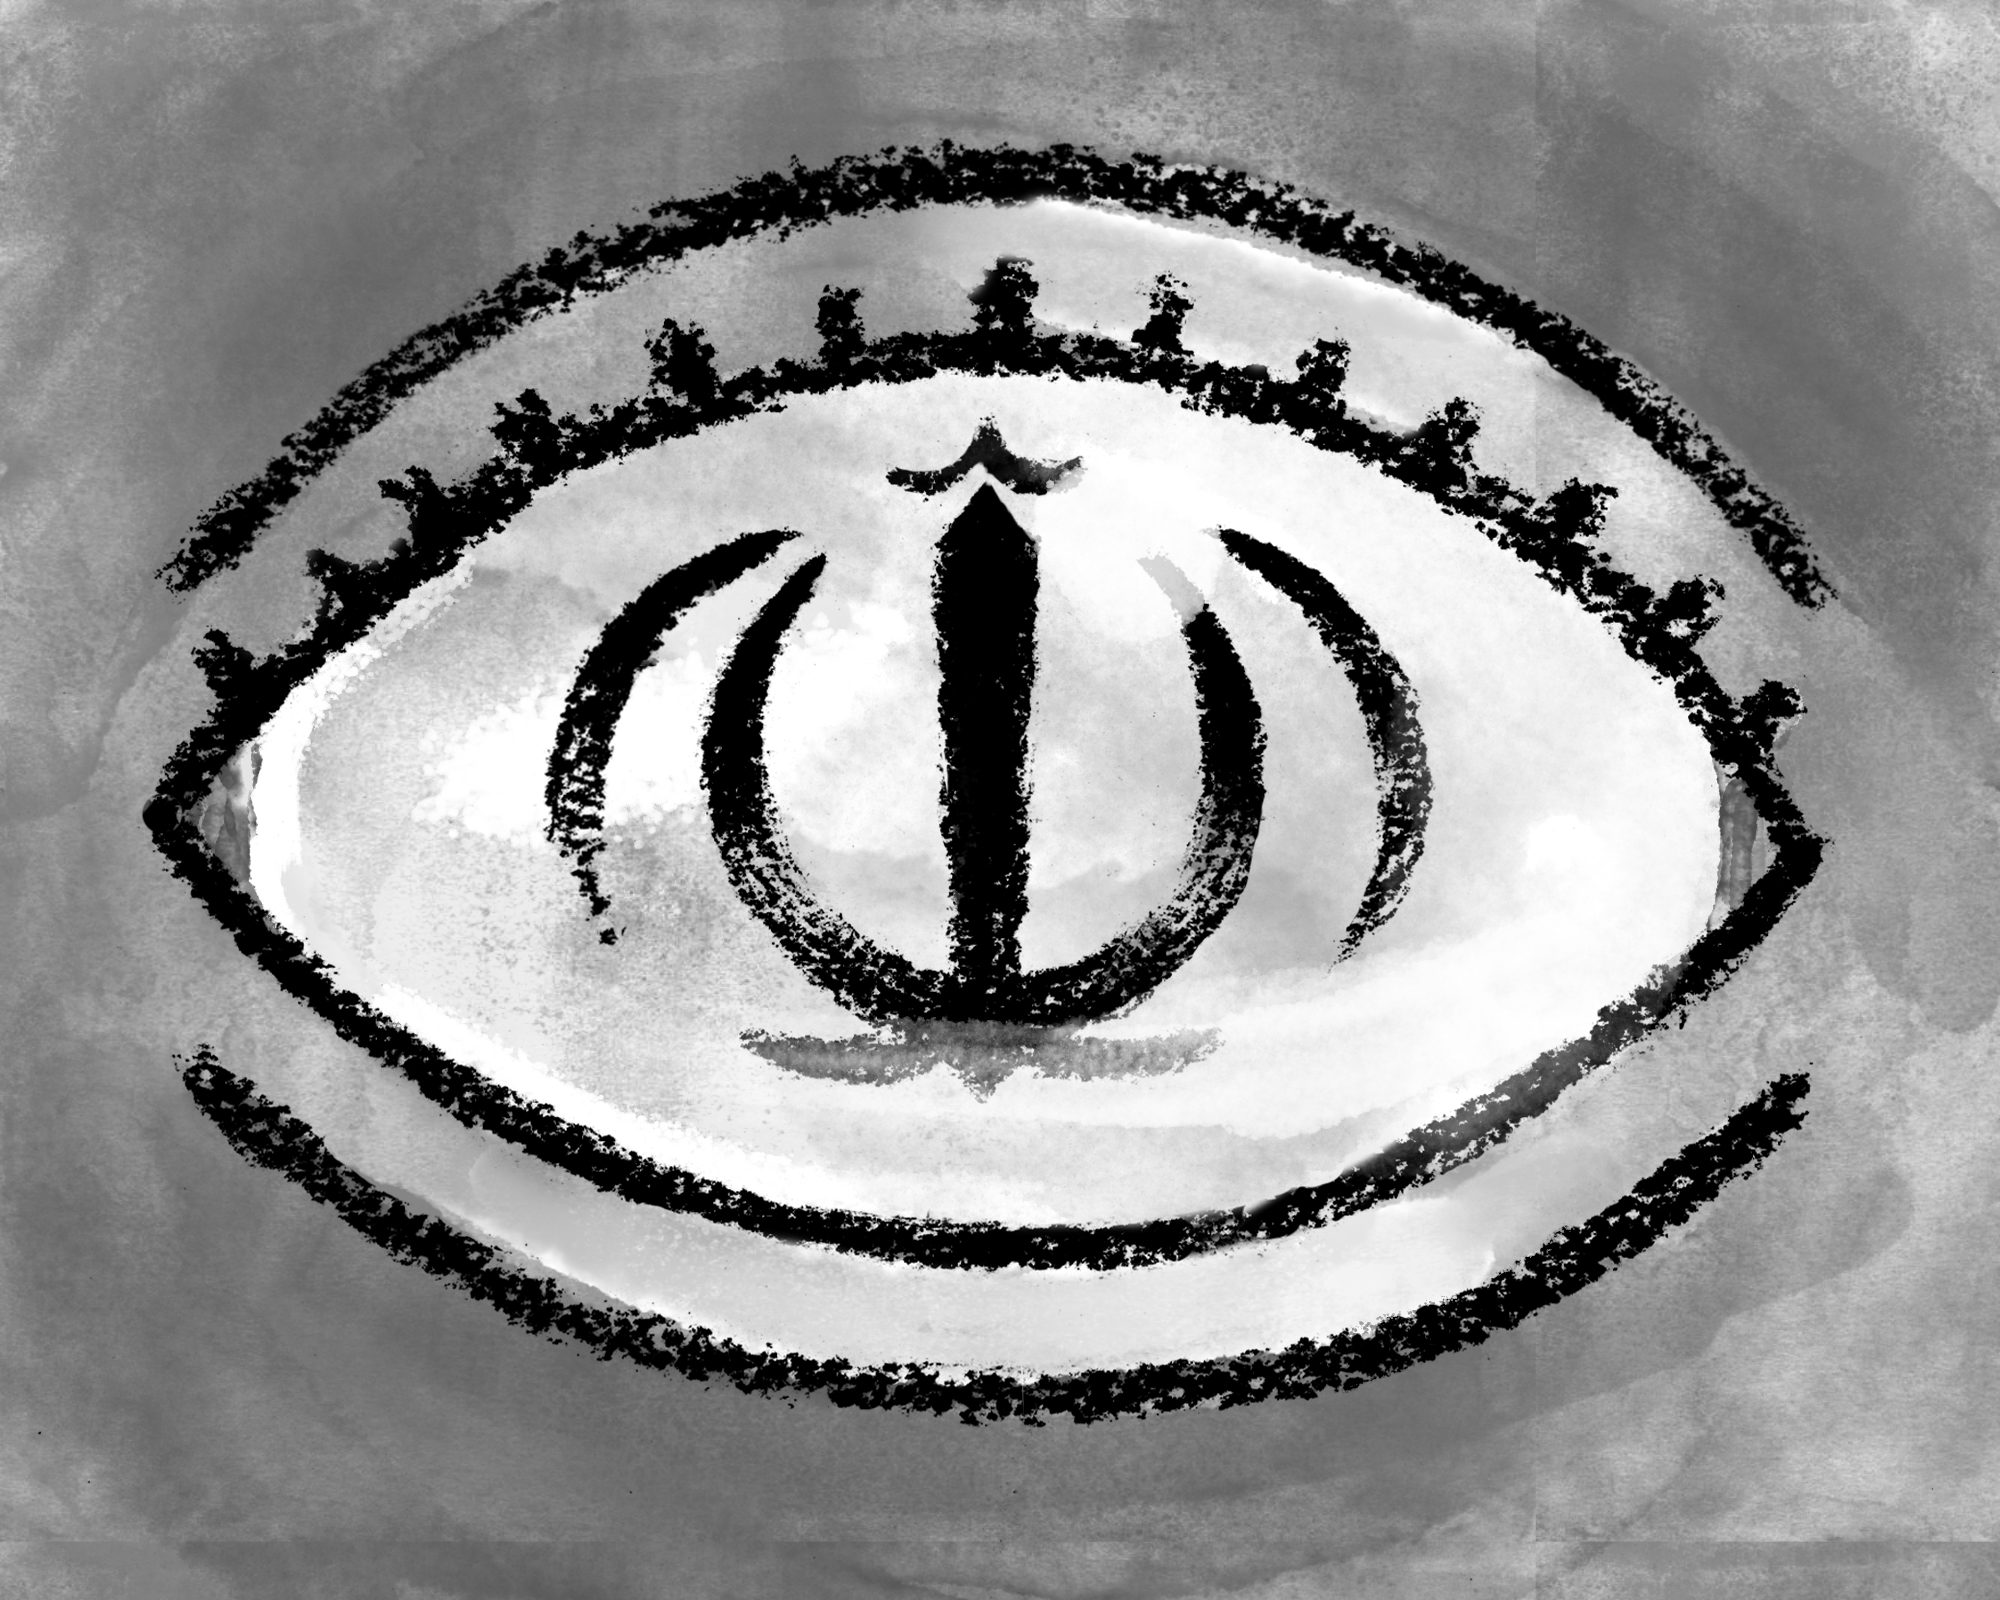 Surveillance in Iran